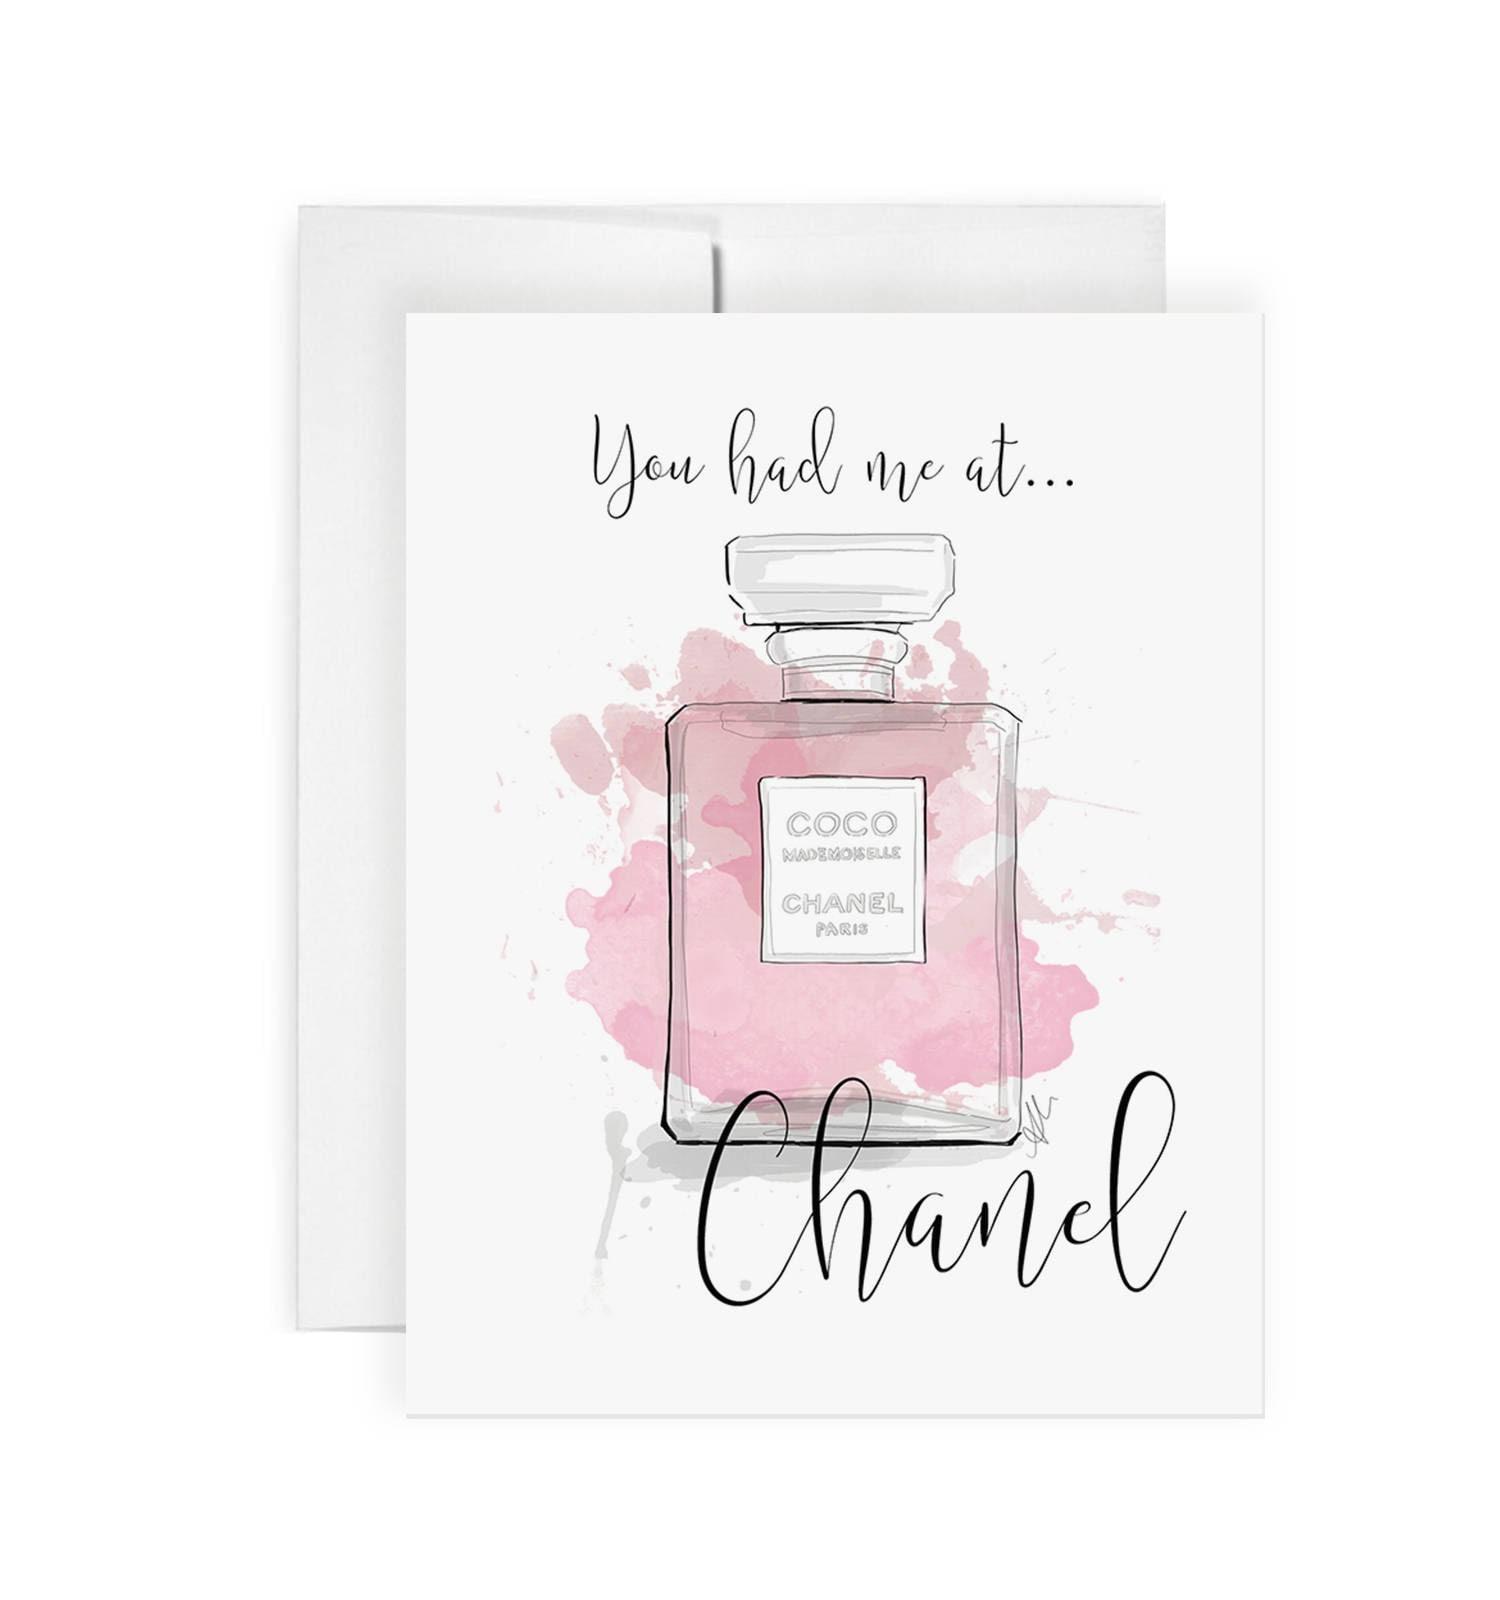 Sie hatte mich bei Chanel Grußkarte Geburtstagskarte nur